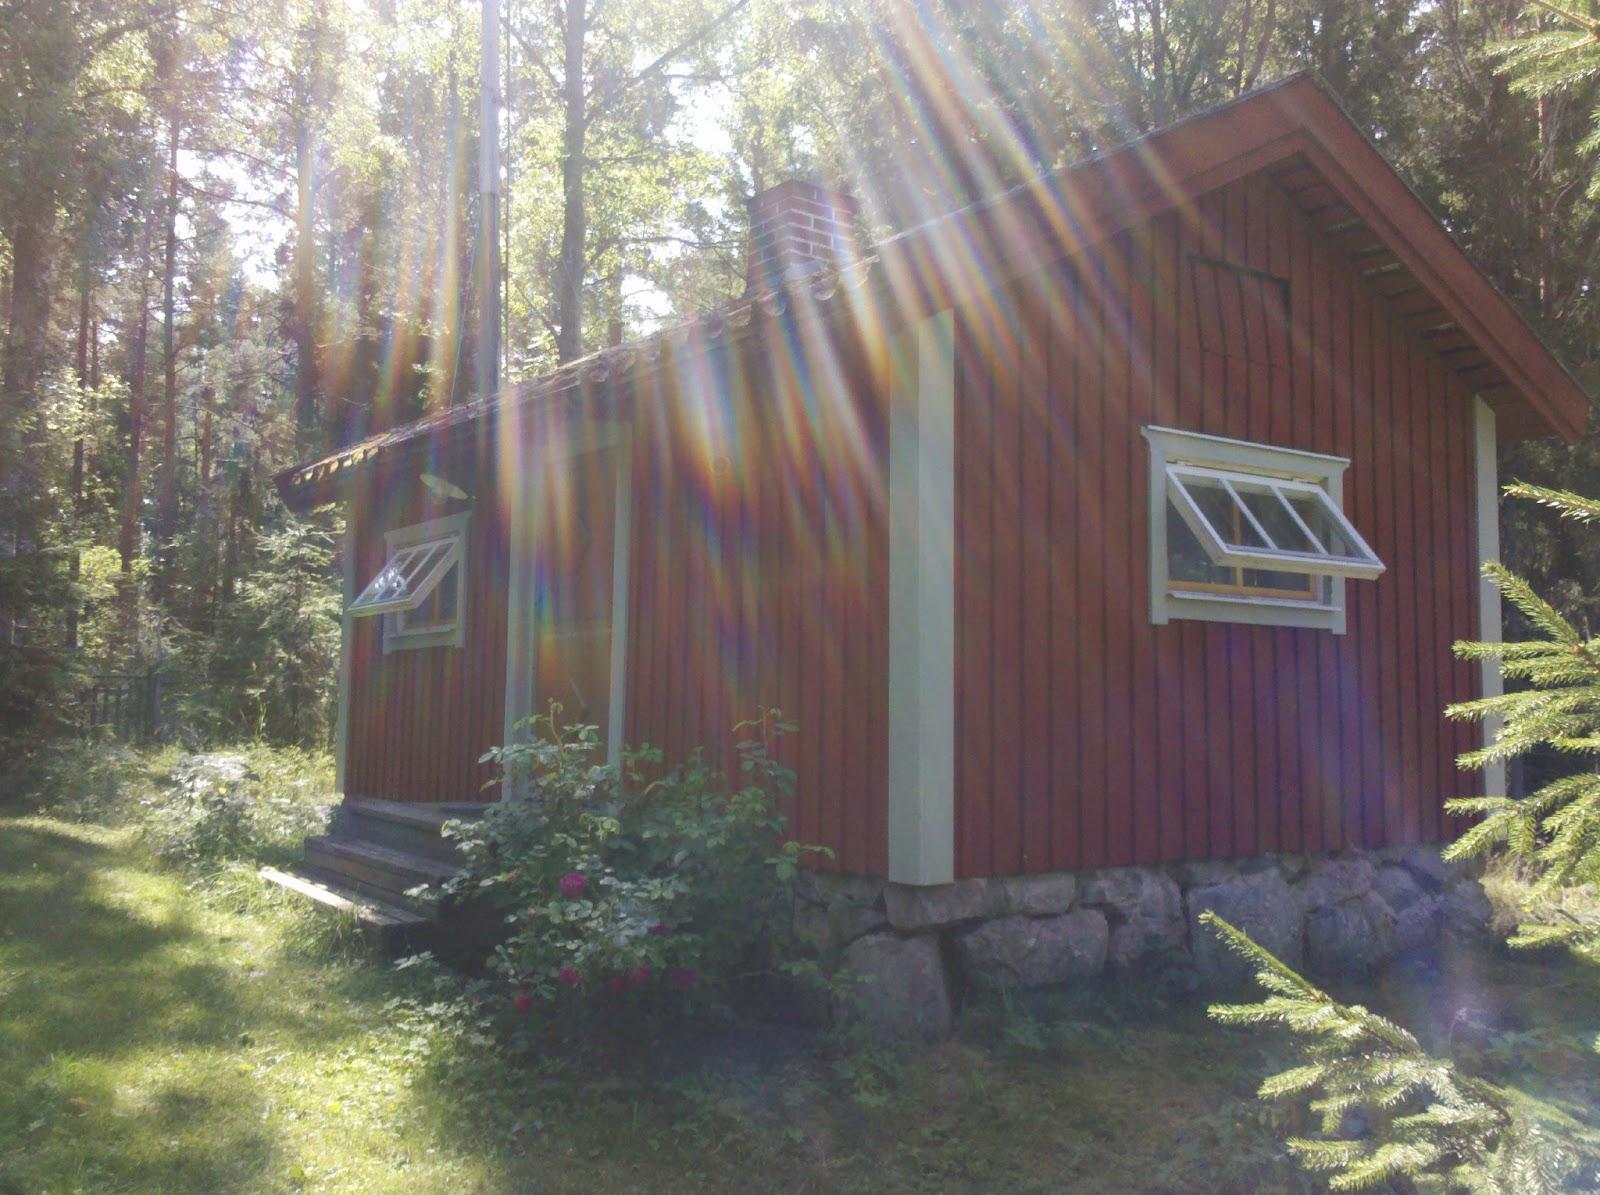 sånger 60 års kalas Nytt o Nött: 60 års kalas sånger 60 års kalas